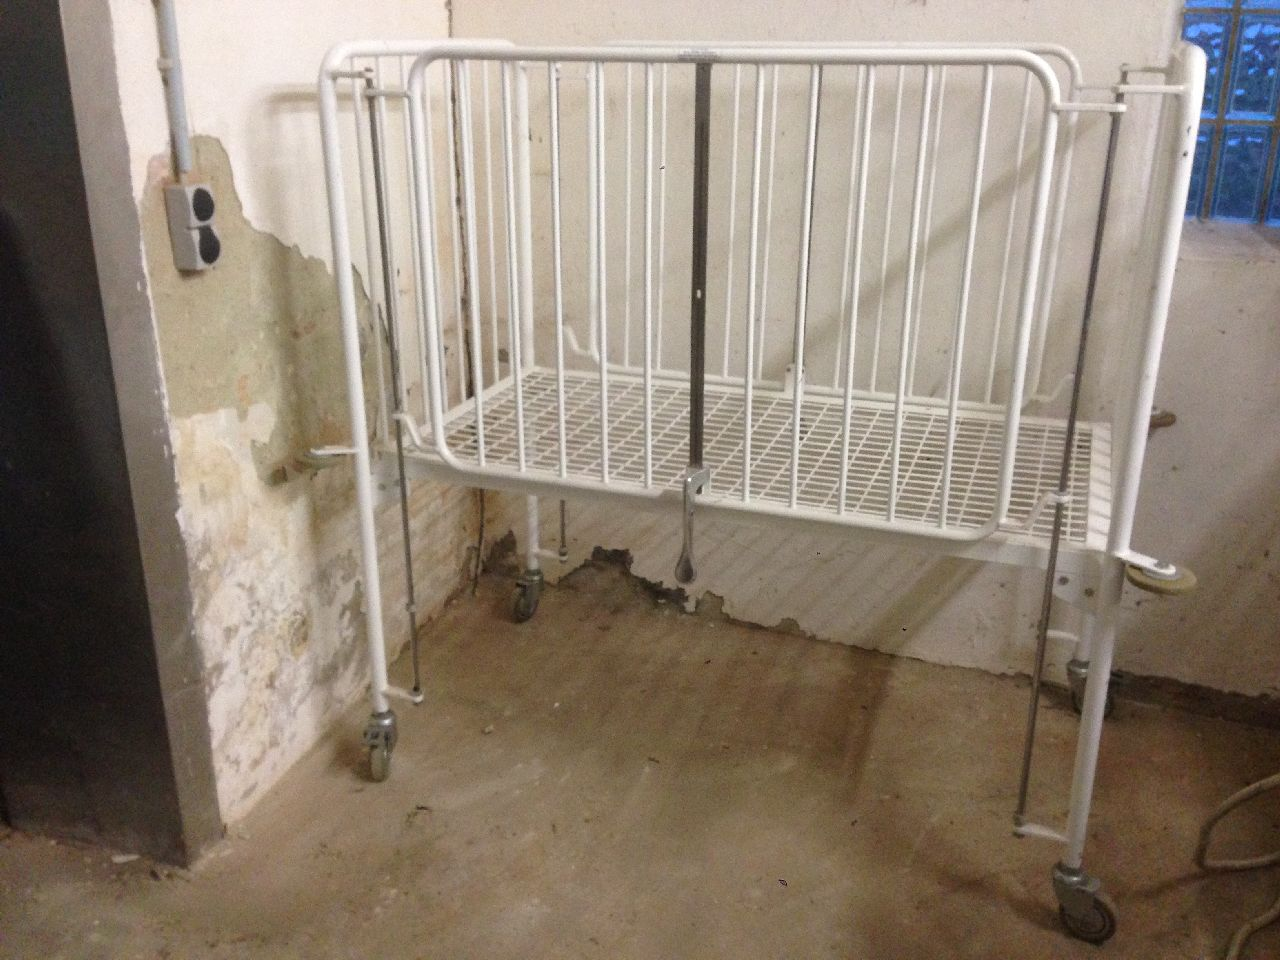 Großes krankenhaus baby bett kinderbett gitterbett metallbett ...